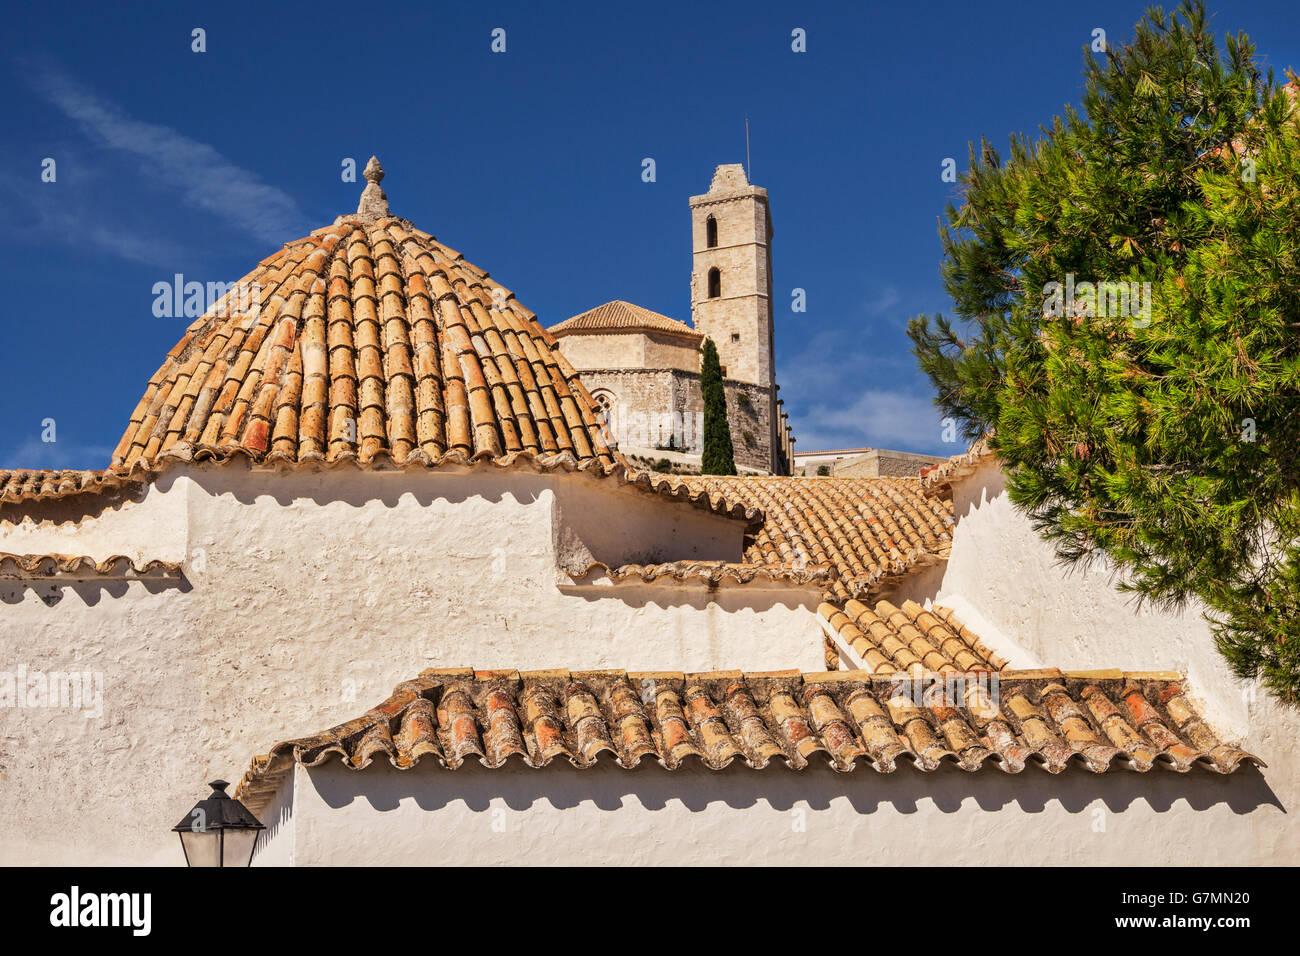 Toits de Dalt Vila, la partie ancienne de la ville d'Ibiza, dominée par la Cathédrale, Ibiza, Espagne. Photo Stock